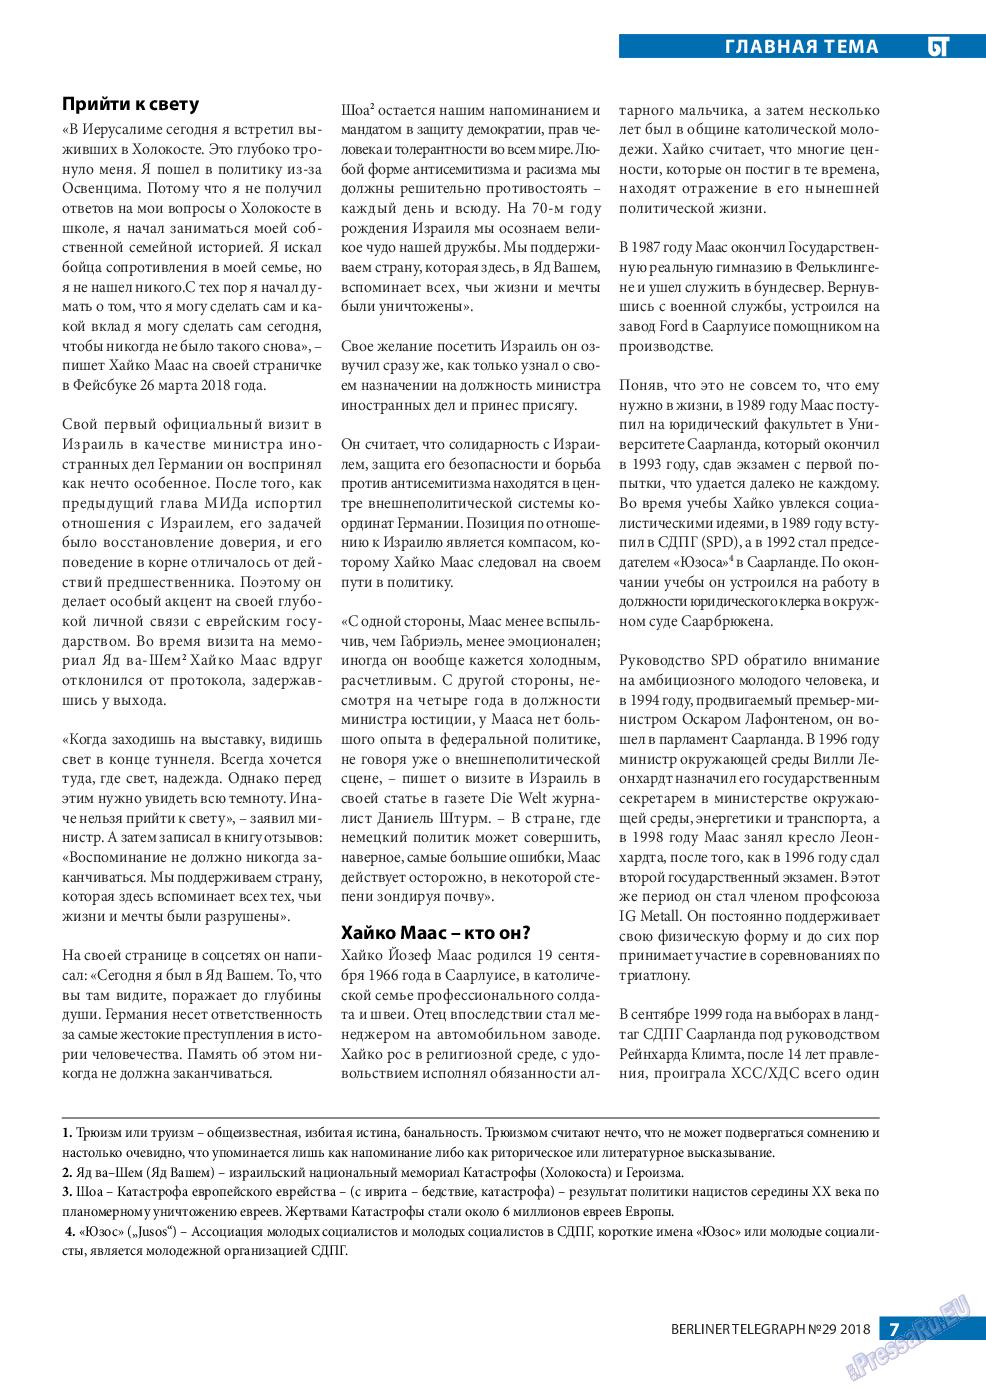 Берлинский телеграф (журнал). 2018 год, номер 29, стр. 7